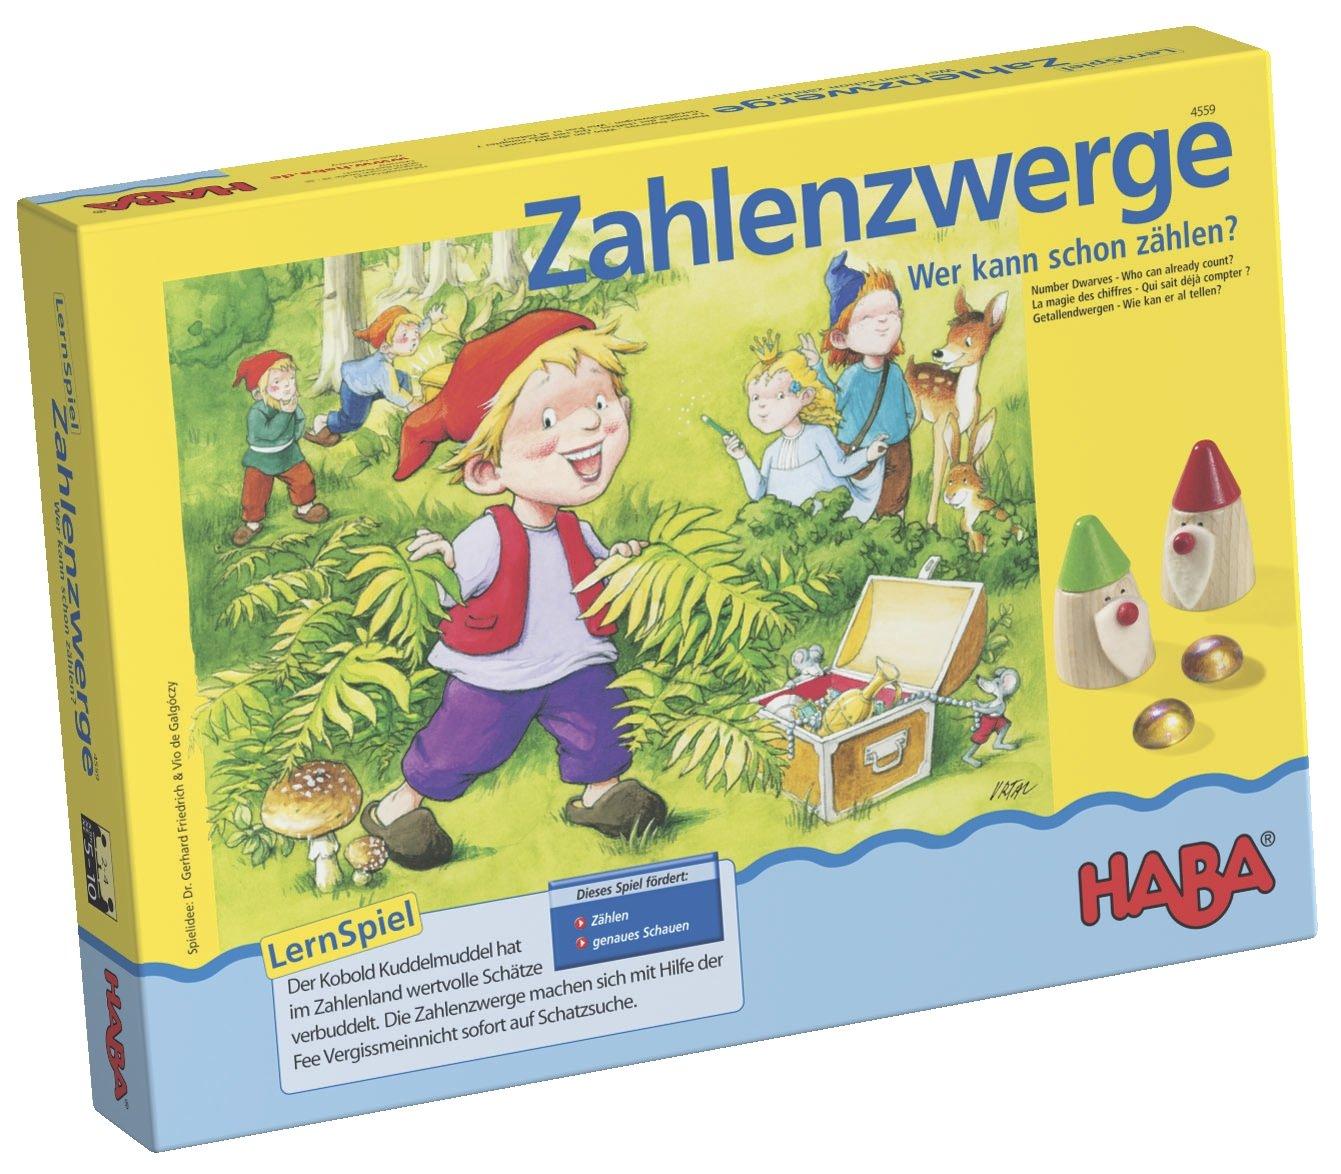 Wehrfritz 114559 Zahlenzwerge B07B8XGPSJ Brettspiele Vielfalt | München